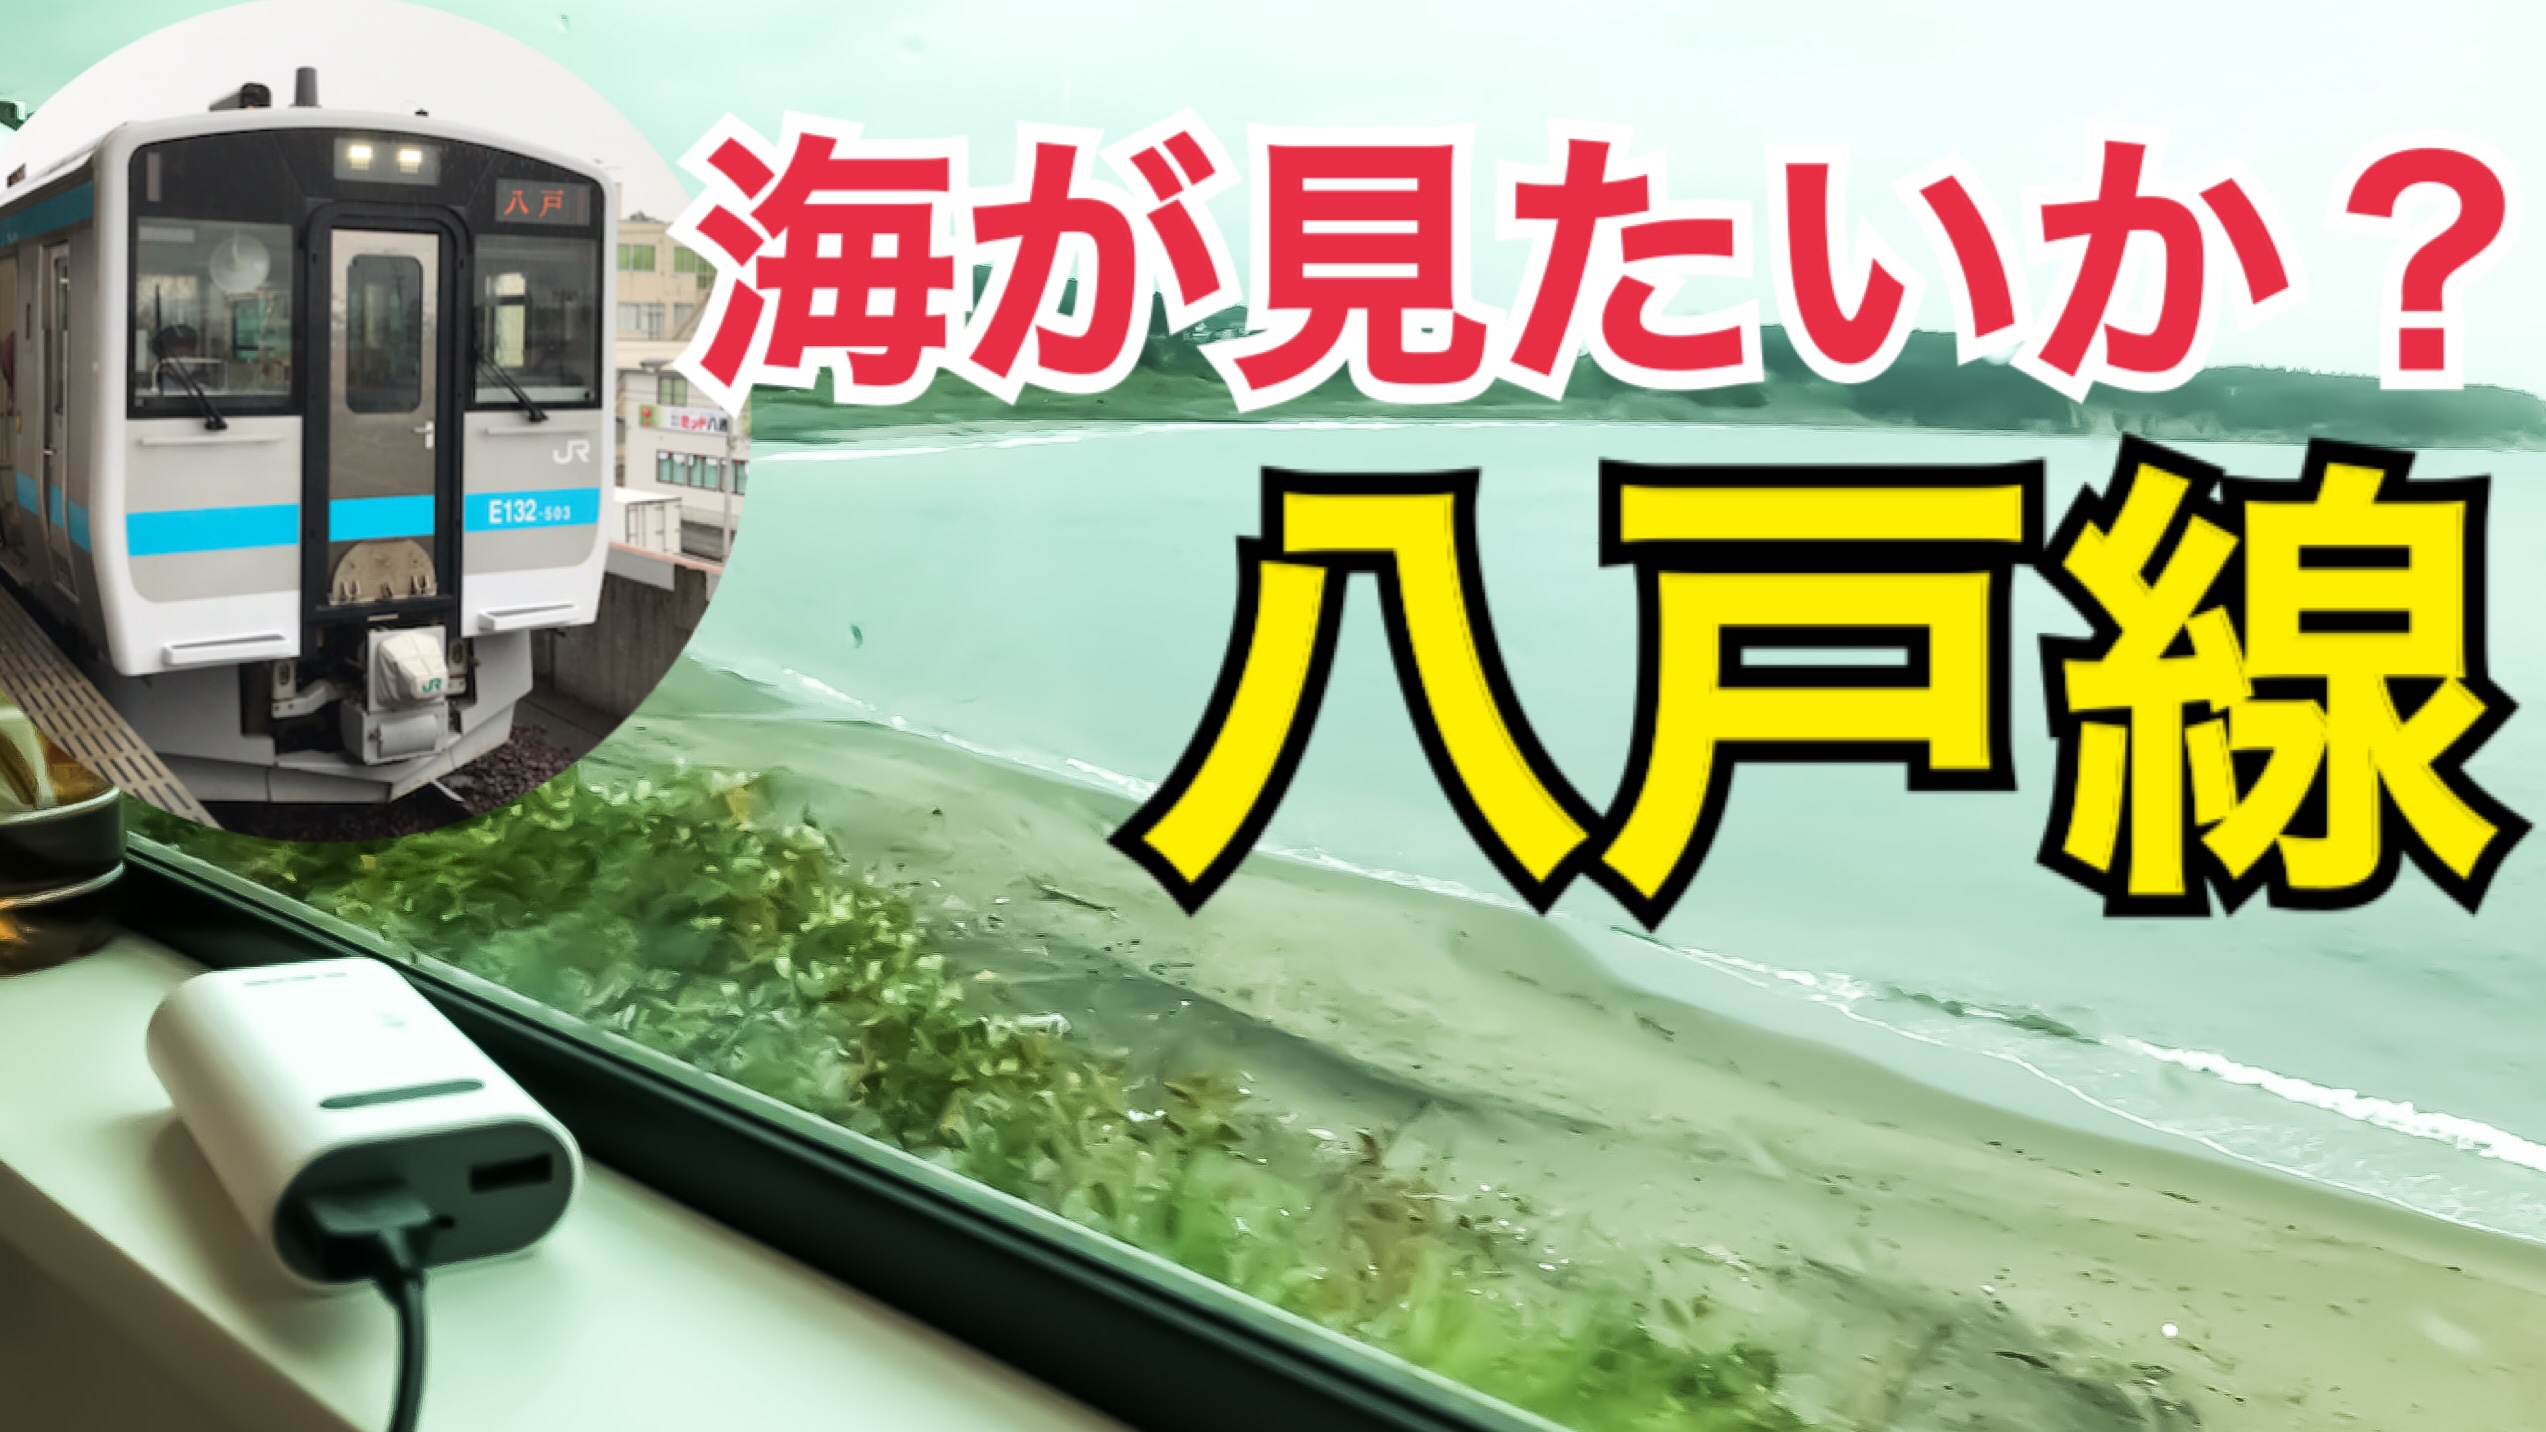 新型車両が走るローカル線 八戸線で太平洋の景色を眺めよう!太平洋側の五能線、八戸線乗車記【北海道東日本パスの旅2020】